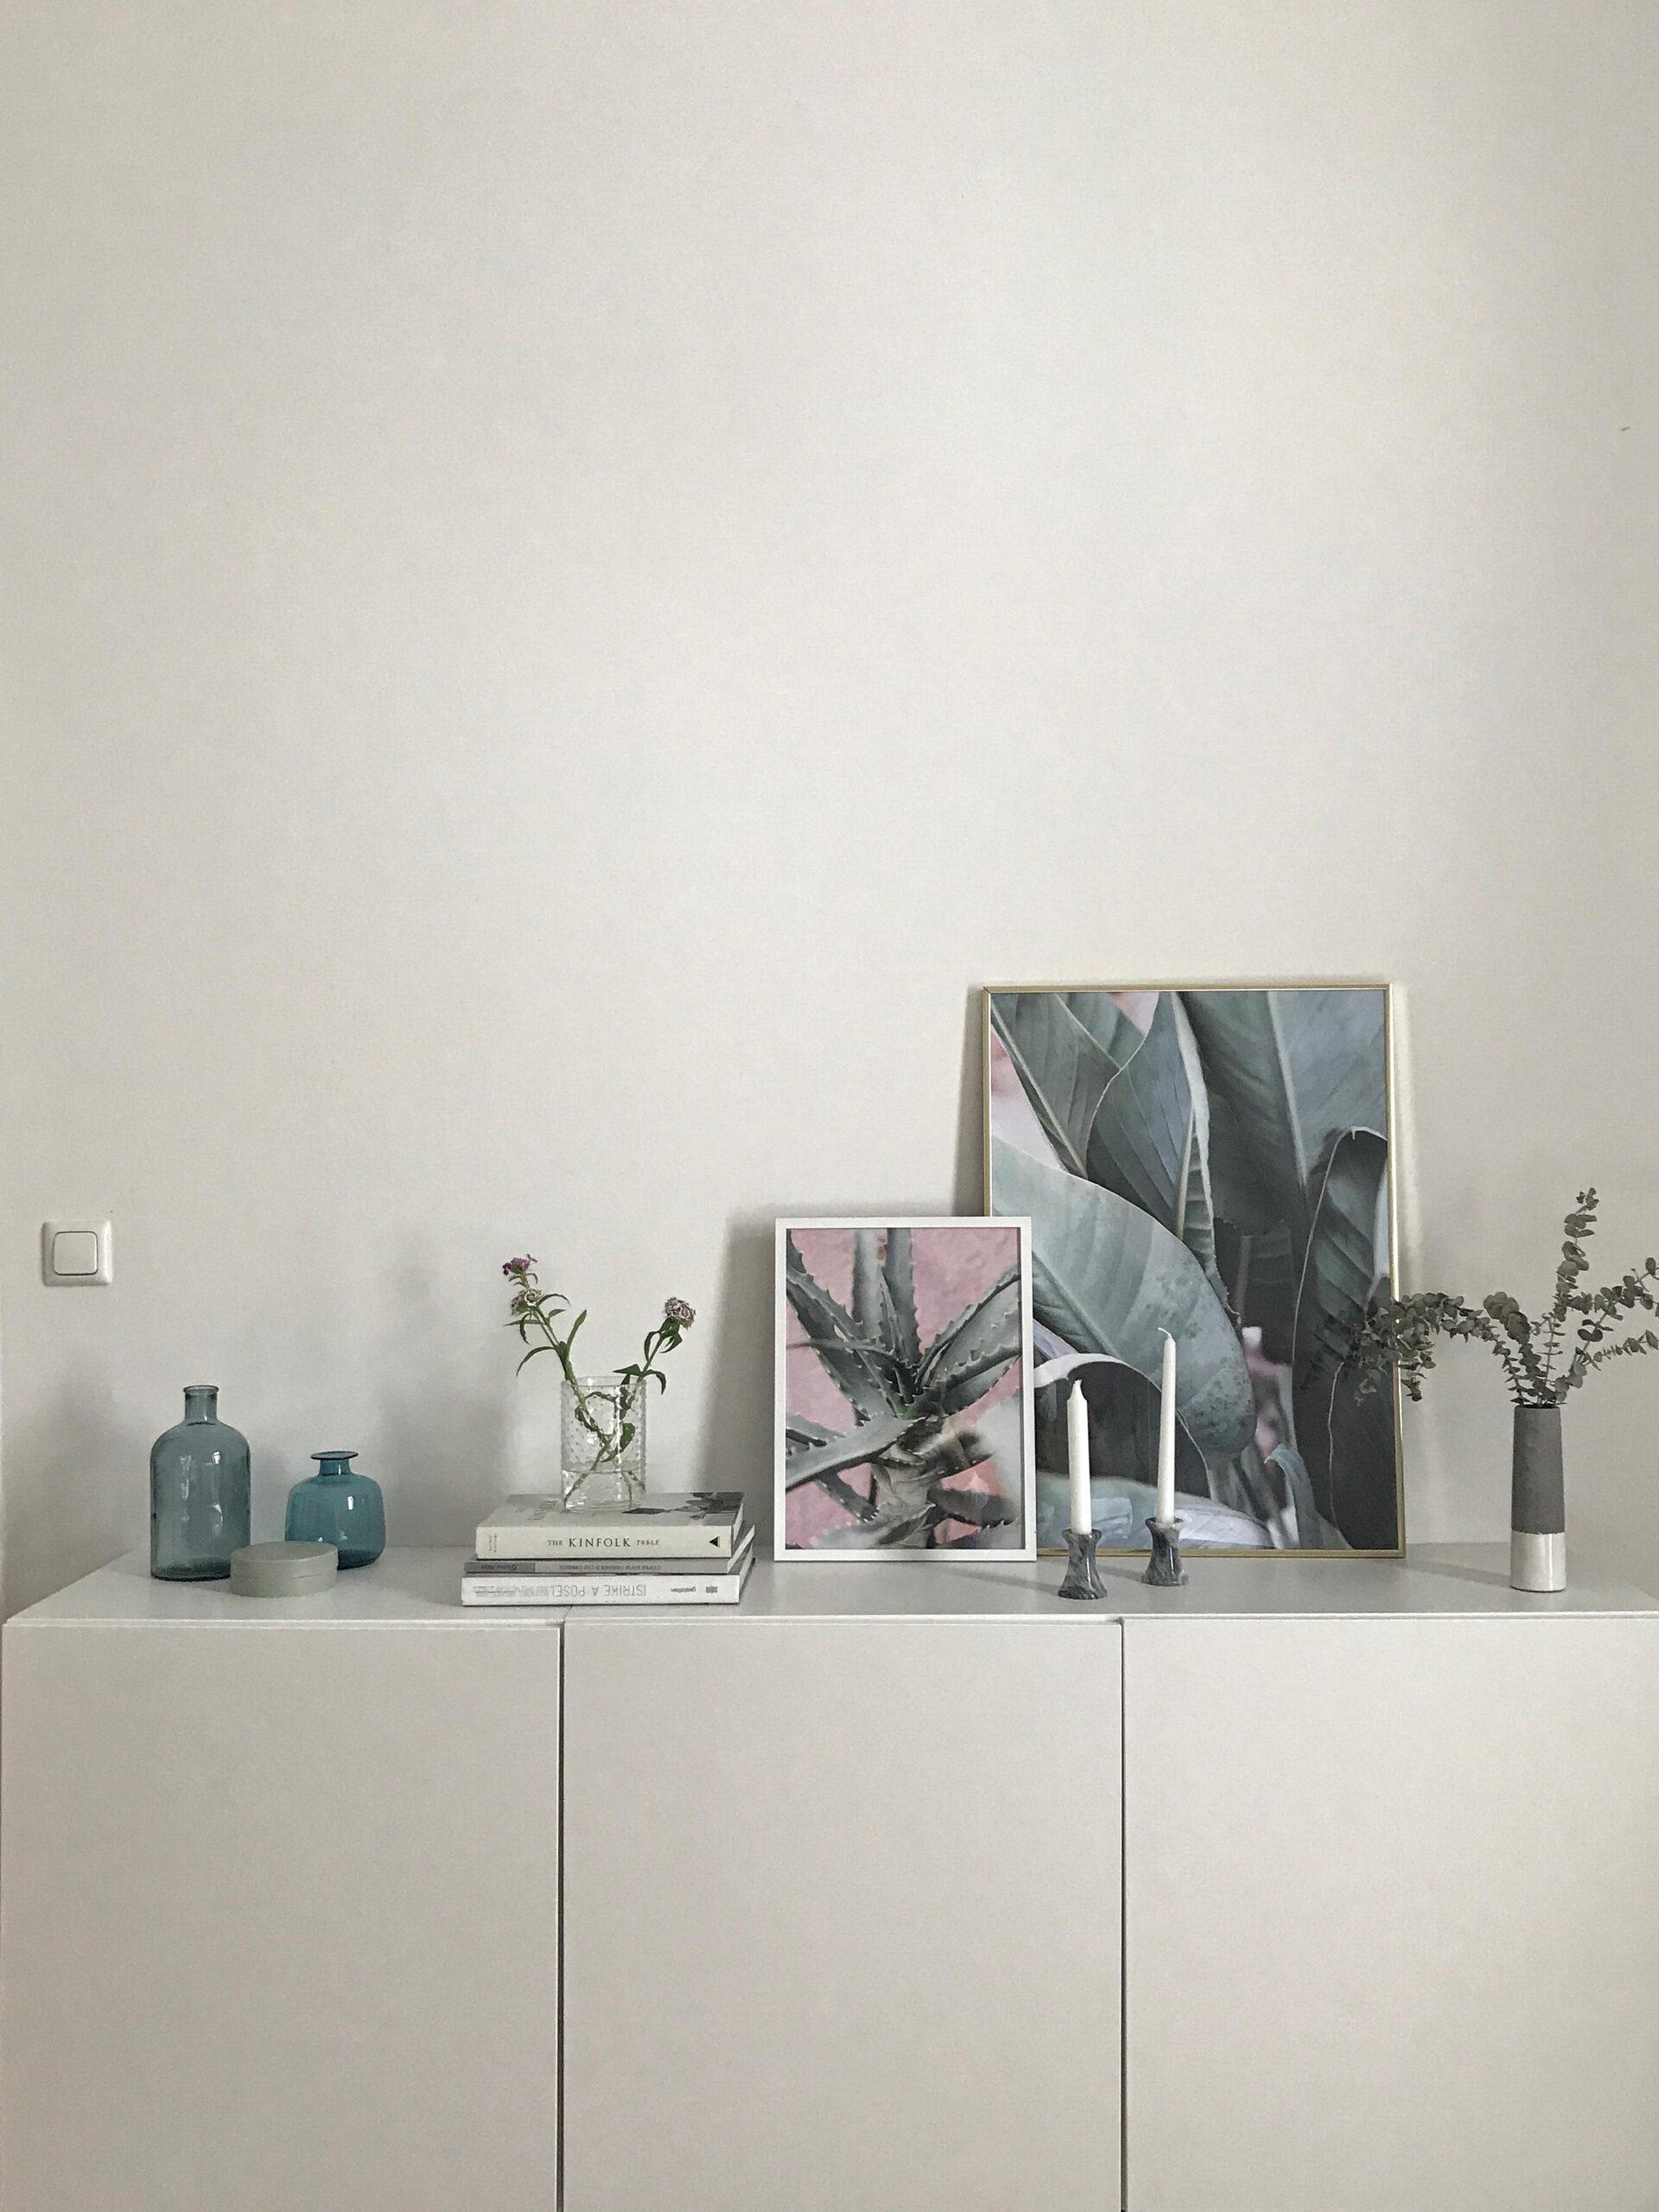 Full Size of Deko Sideboard Meine Neue Auf Dem Modernewohnide Wohnzimmer Dekoration Schlafzimmer Badezimmer Wanddeko Küche Für Mit Arbeitsplatte Wohnzimmer Deko Sideboard